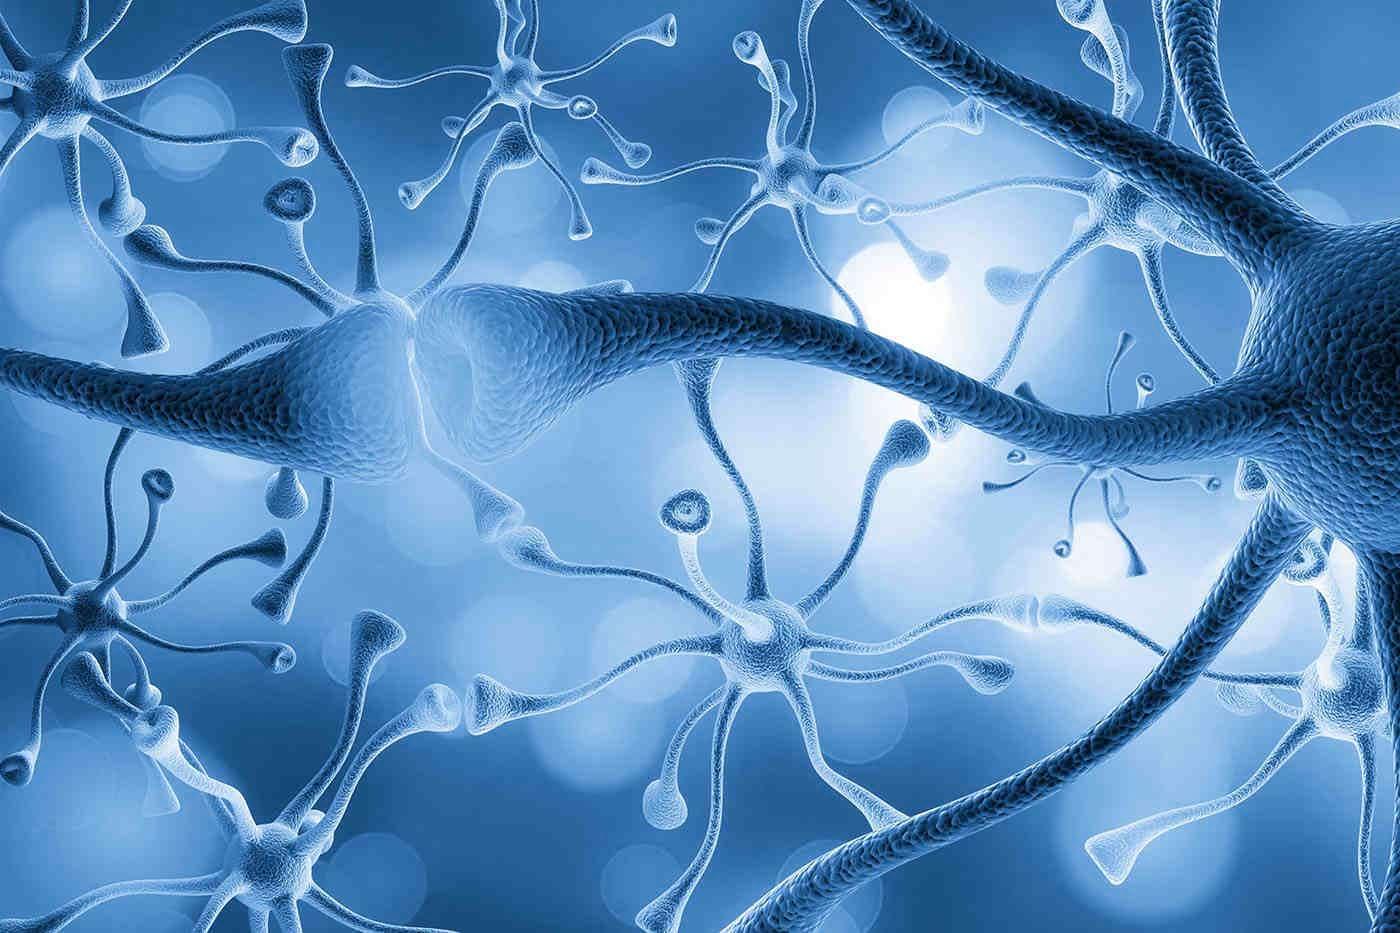 Neuronii prosperă și în condiții de dezvoltare neprielnice [studiu]